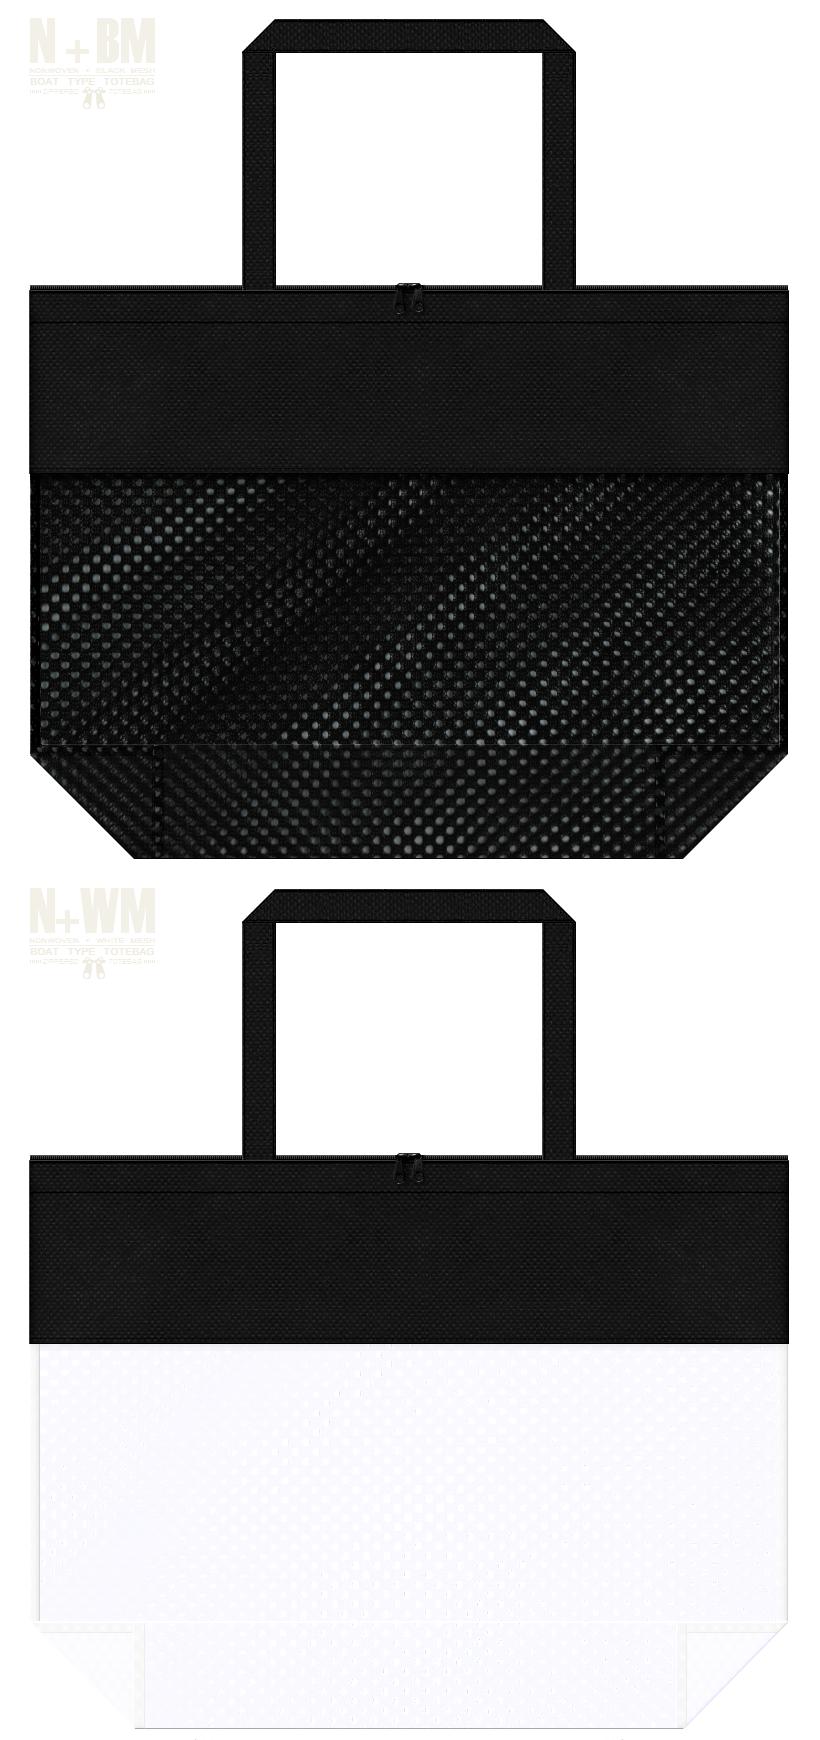 台形型メッシュバッグのカラーシミュレーション:黒色・白色メッシュと黒色不織布の組み合わせ